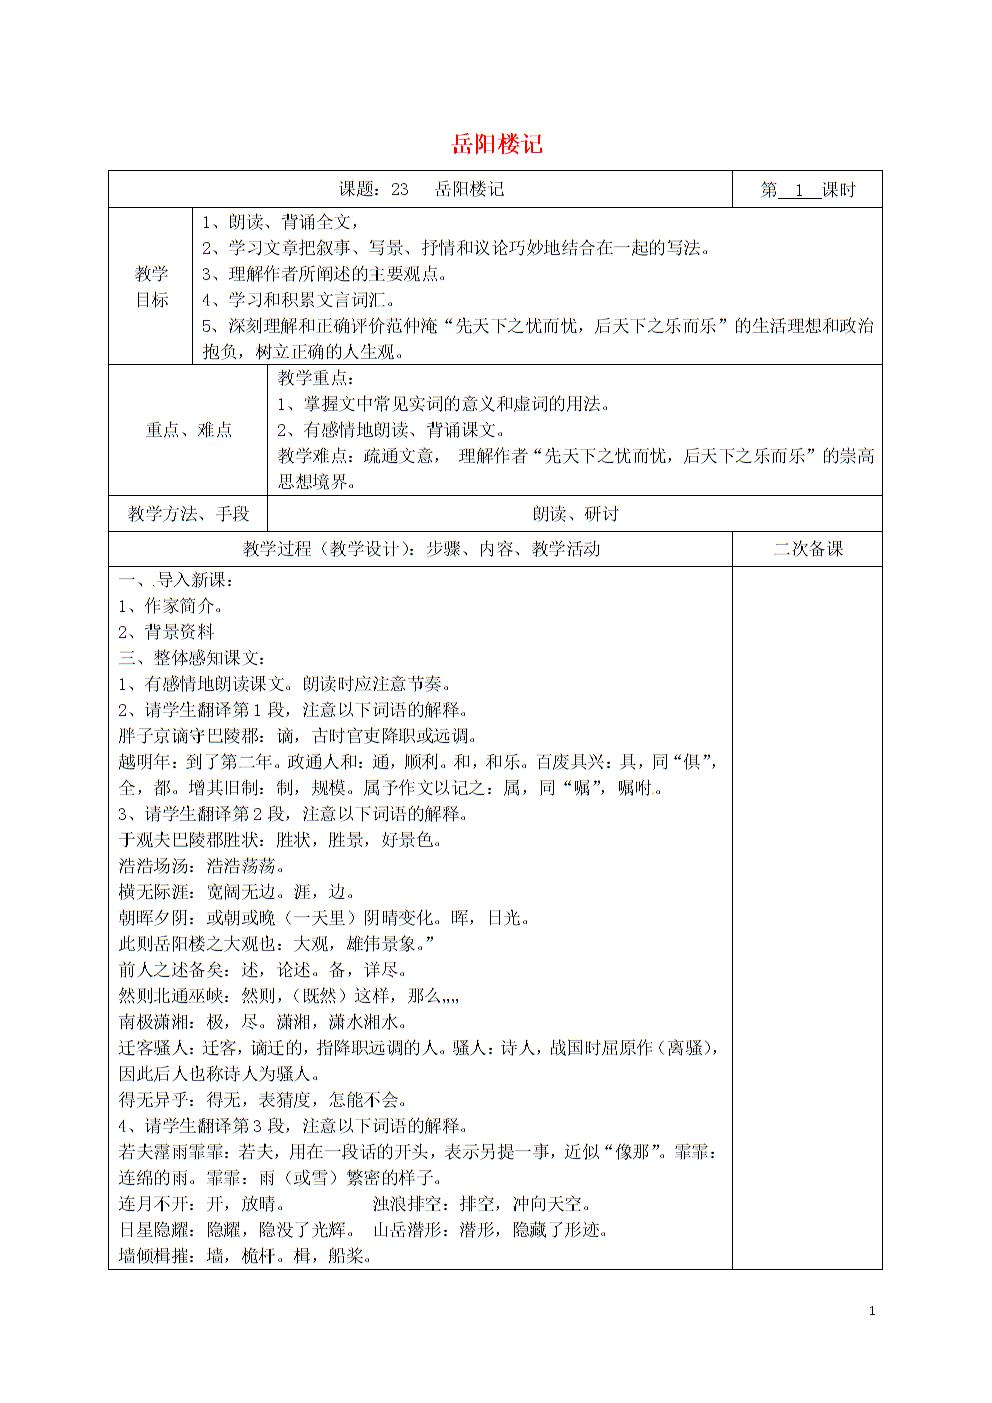 湖南省桑植县八年级语文下册 第六单元 23岳阳楼记教案 语文版.doc